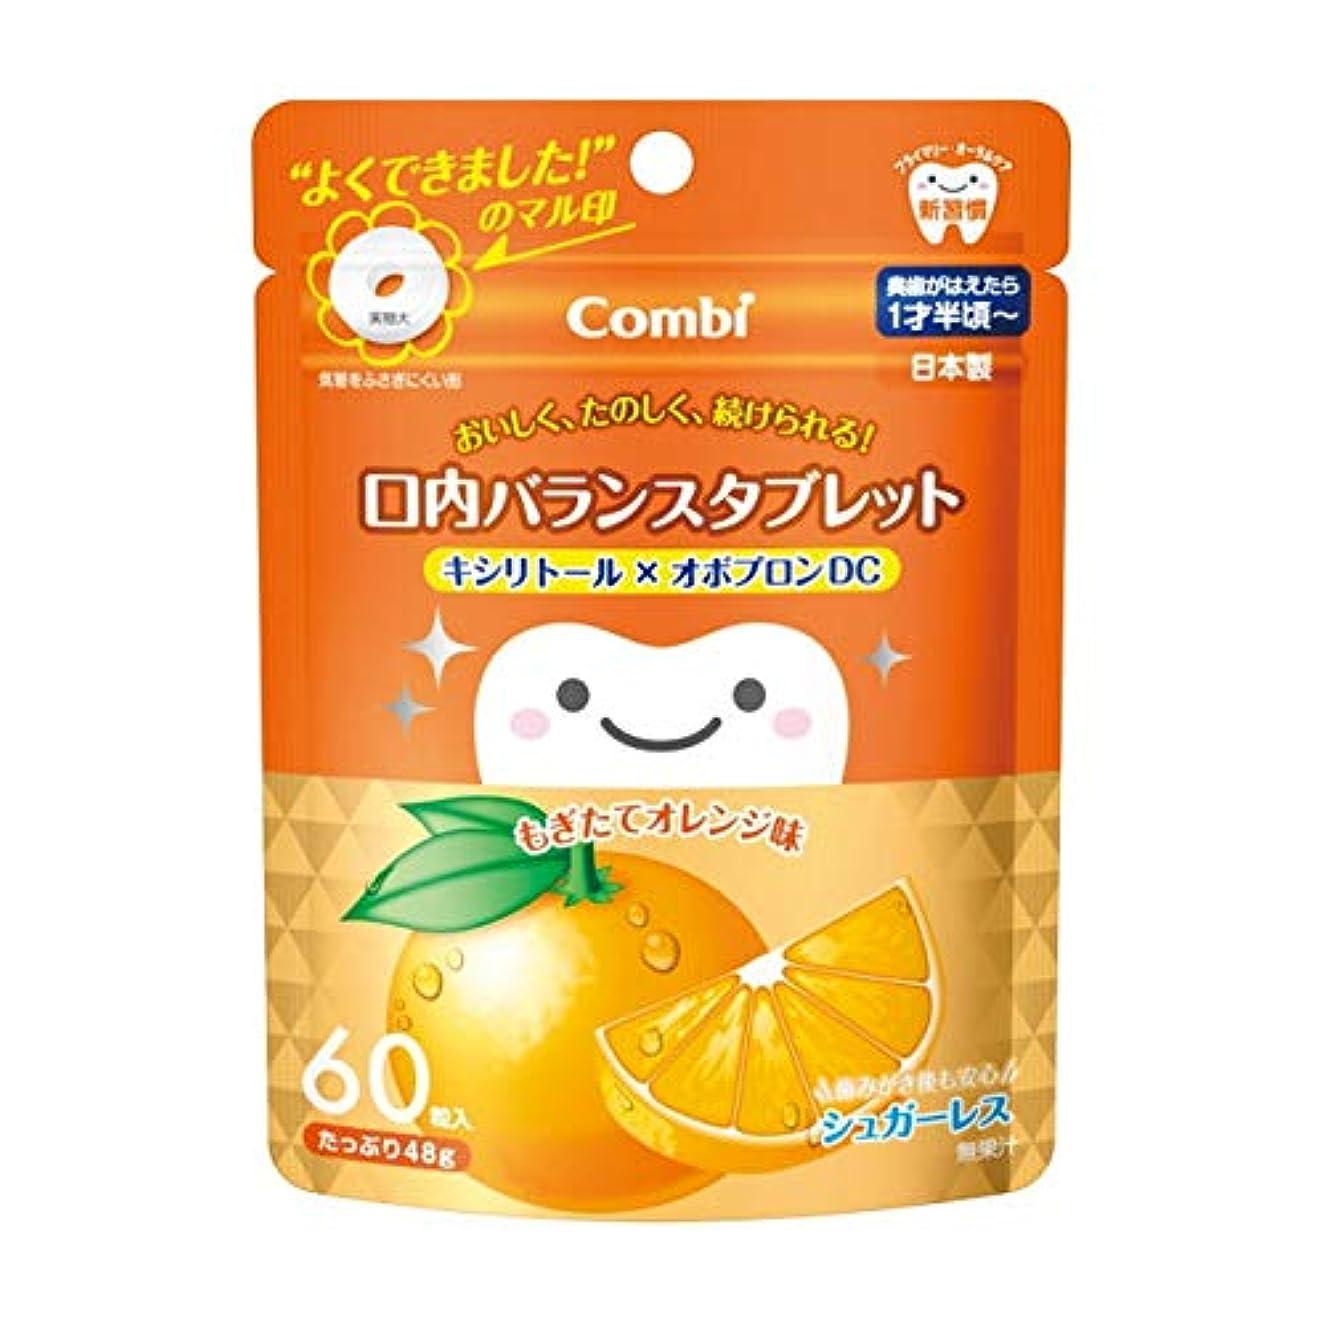 スーツケース自信がある広告するテテオ 口内バランスタブレット(オレンジ) 60粒